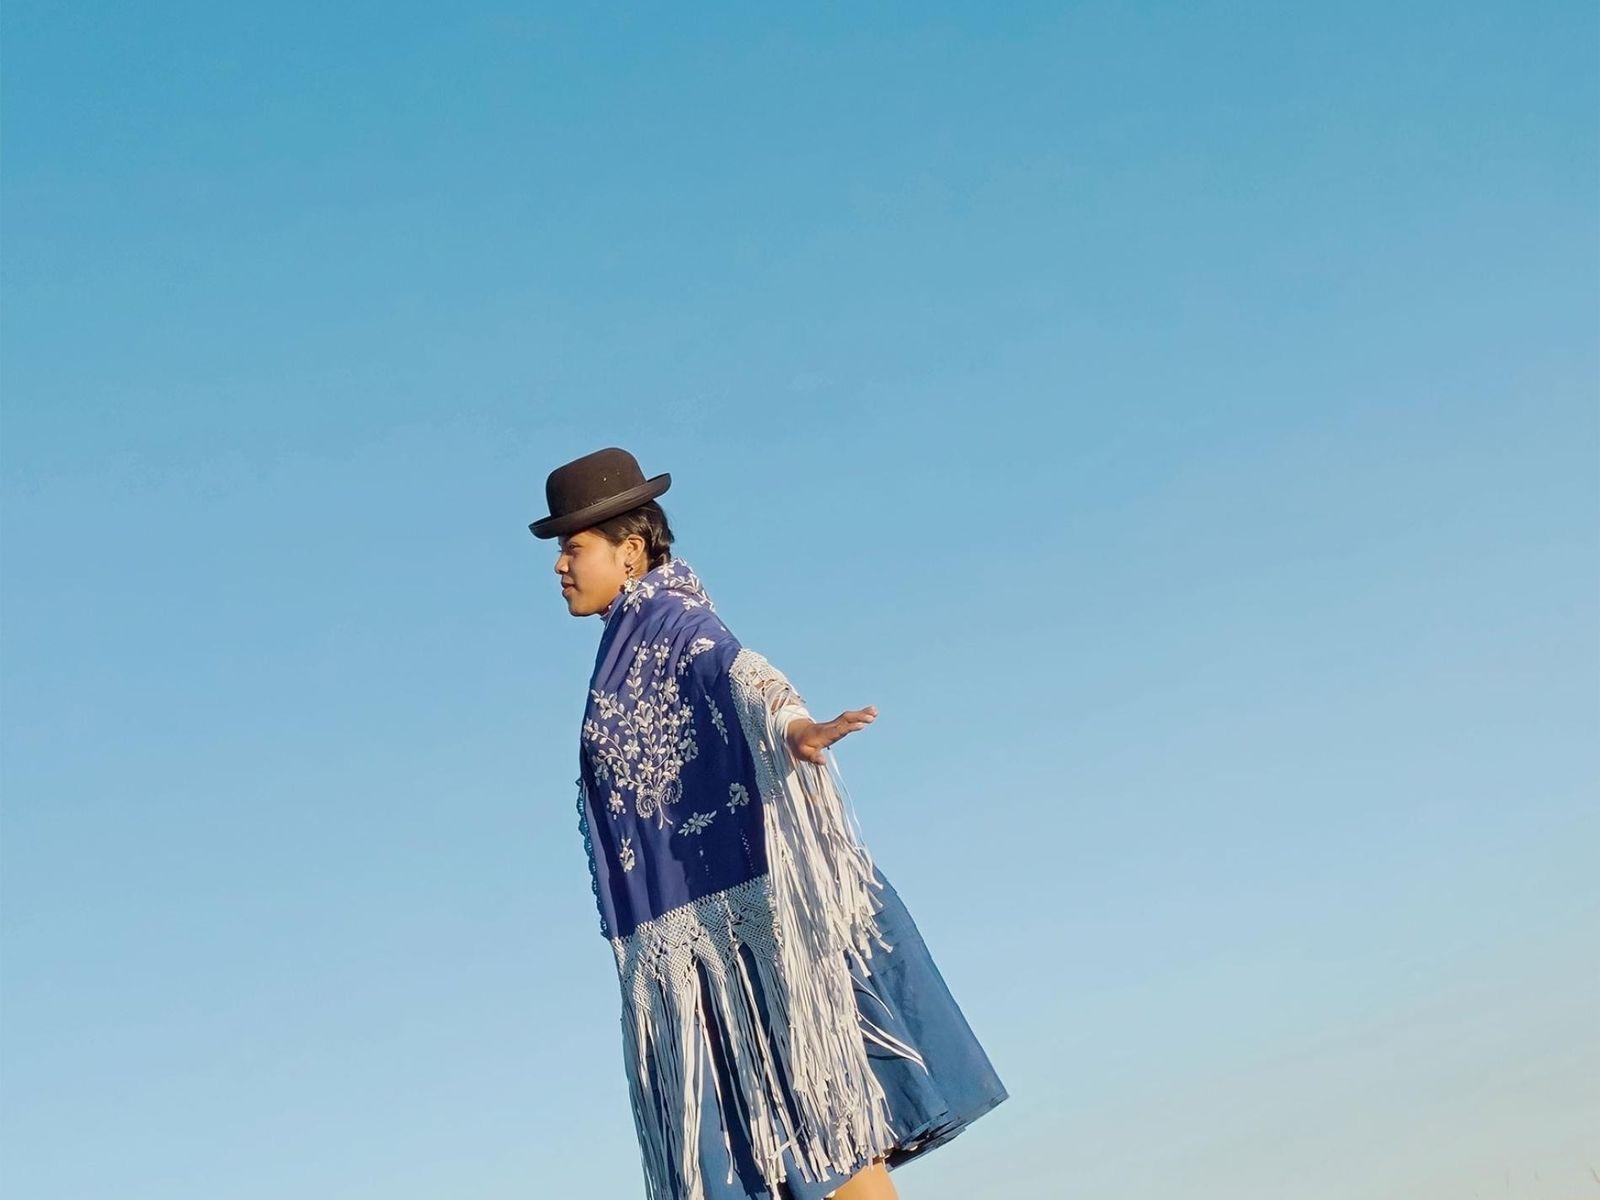 Noelia, uma lutadora de 19 anos, posa para a fotografia com o traje tradicional de cholita.